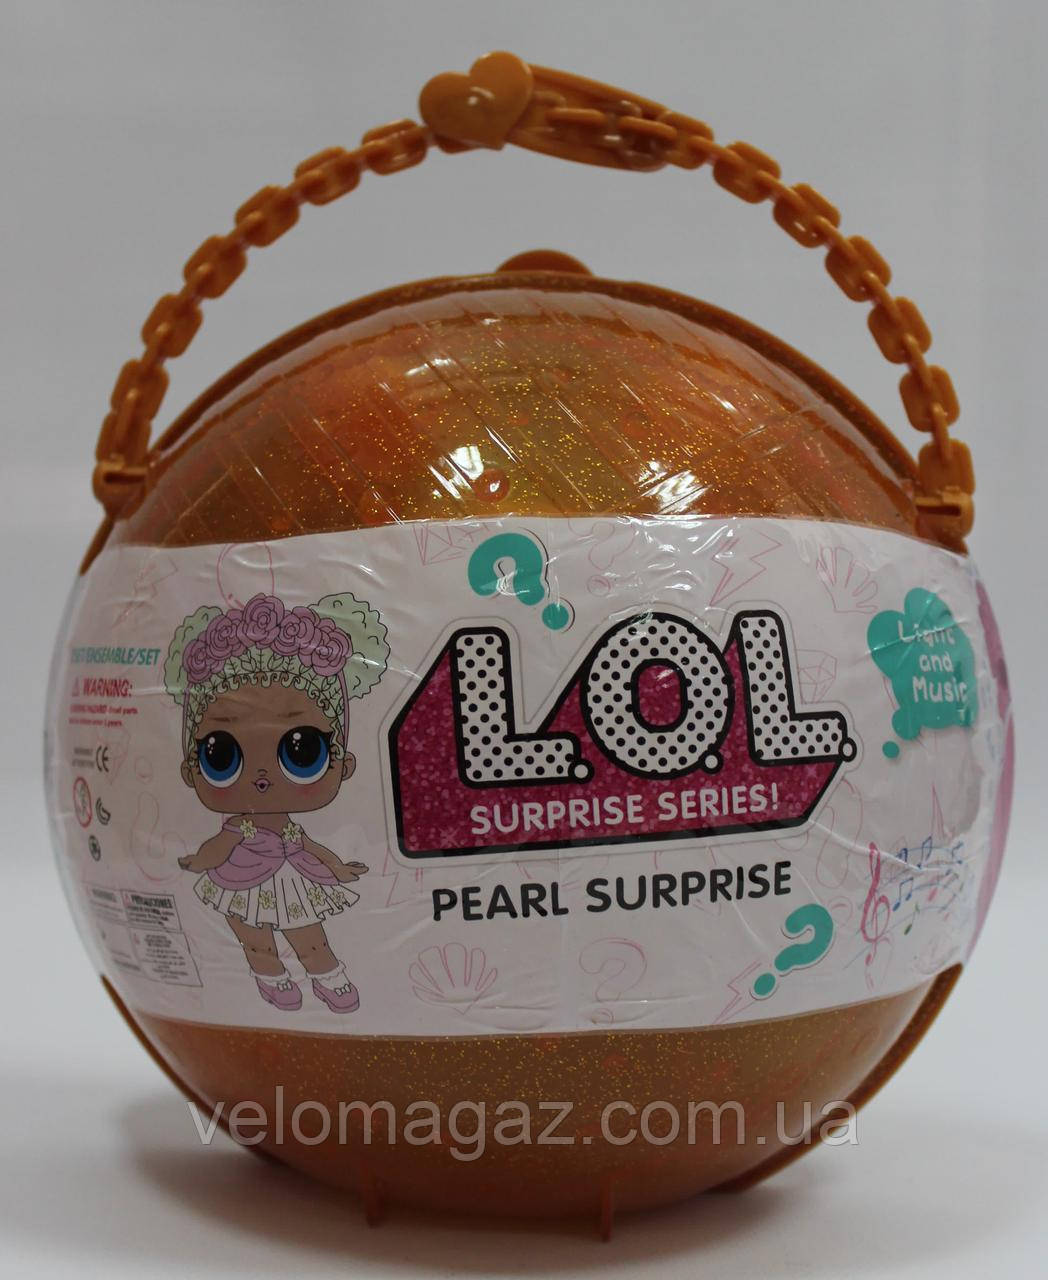 Набор LOL Pearl Surprise ЛОЛ в жемчужном шаре BB61, реплика,золотой